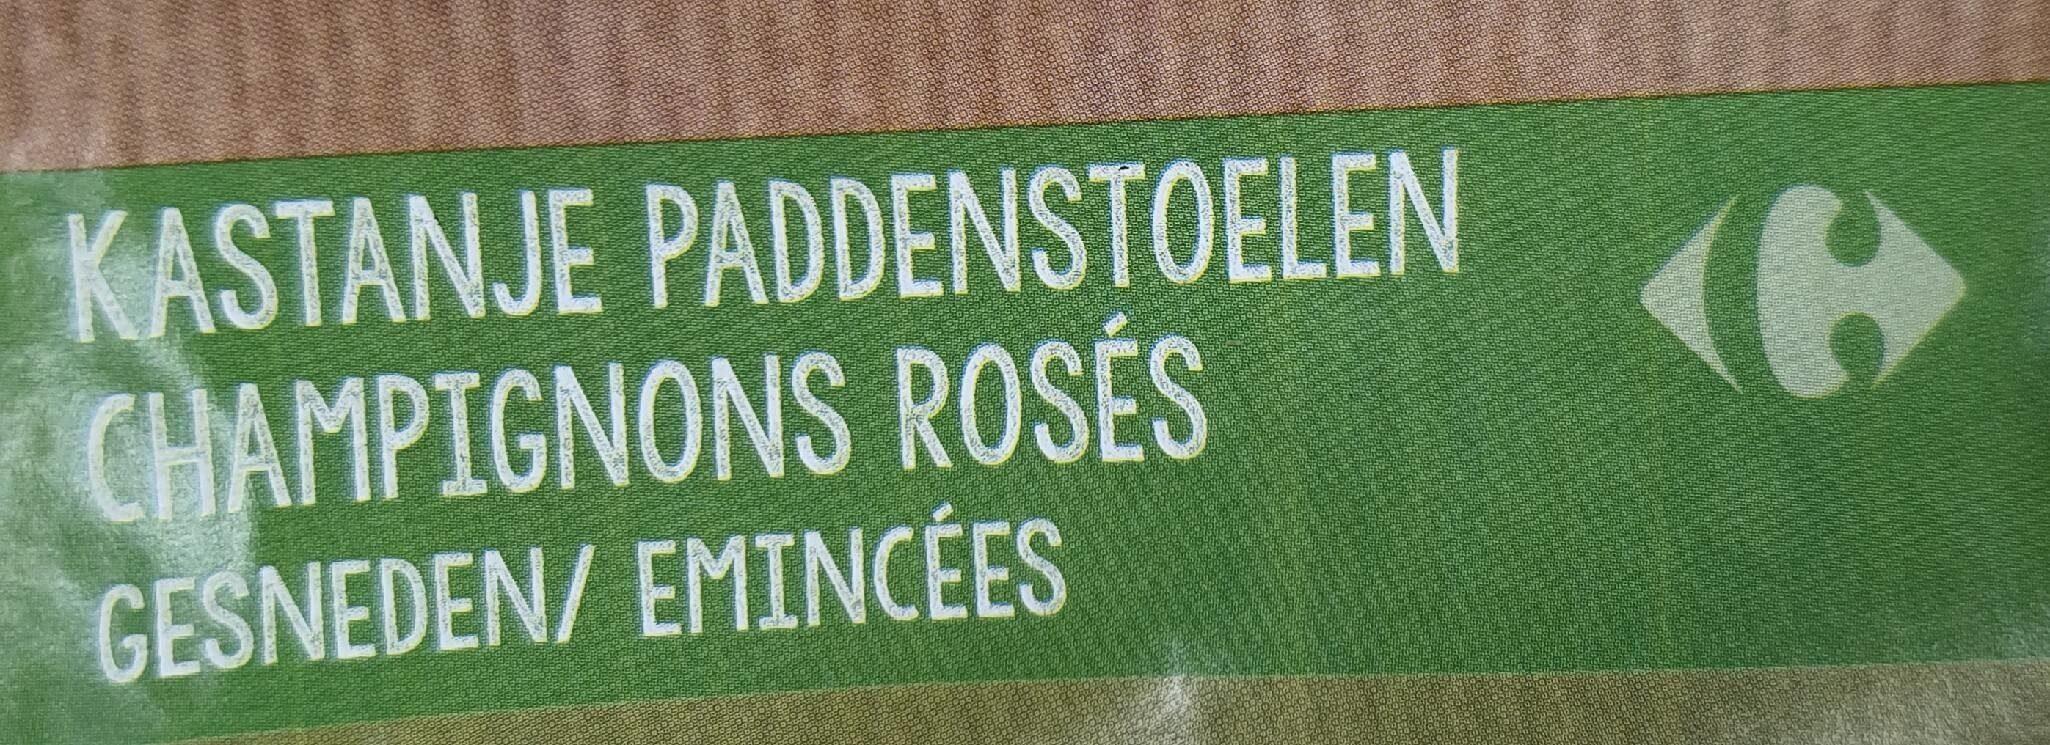 Champignons rosés émincés - Product - fr